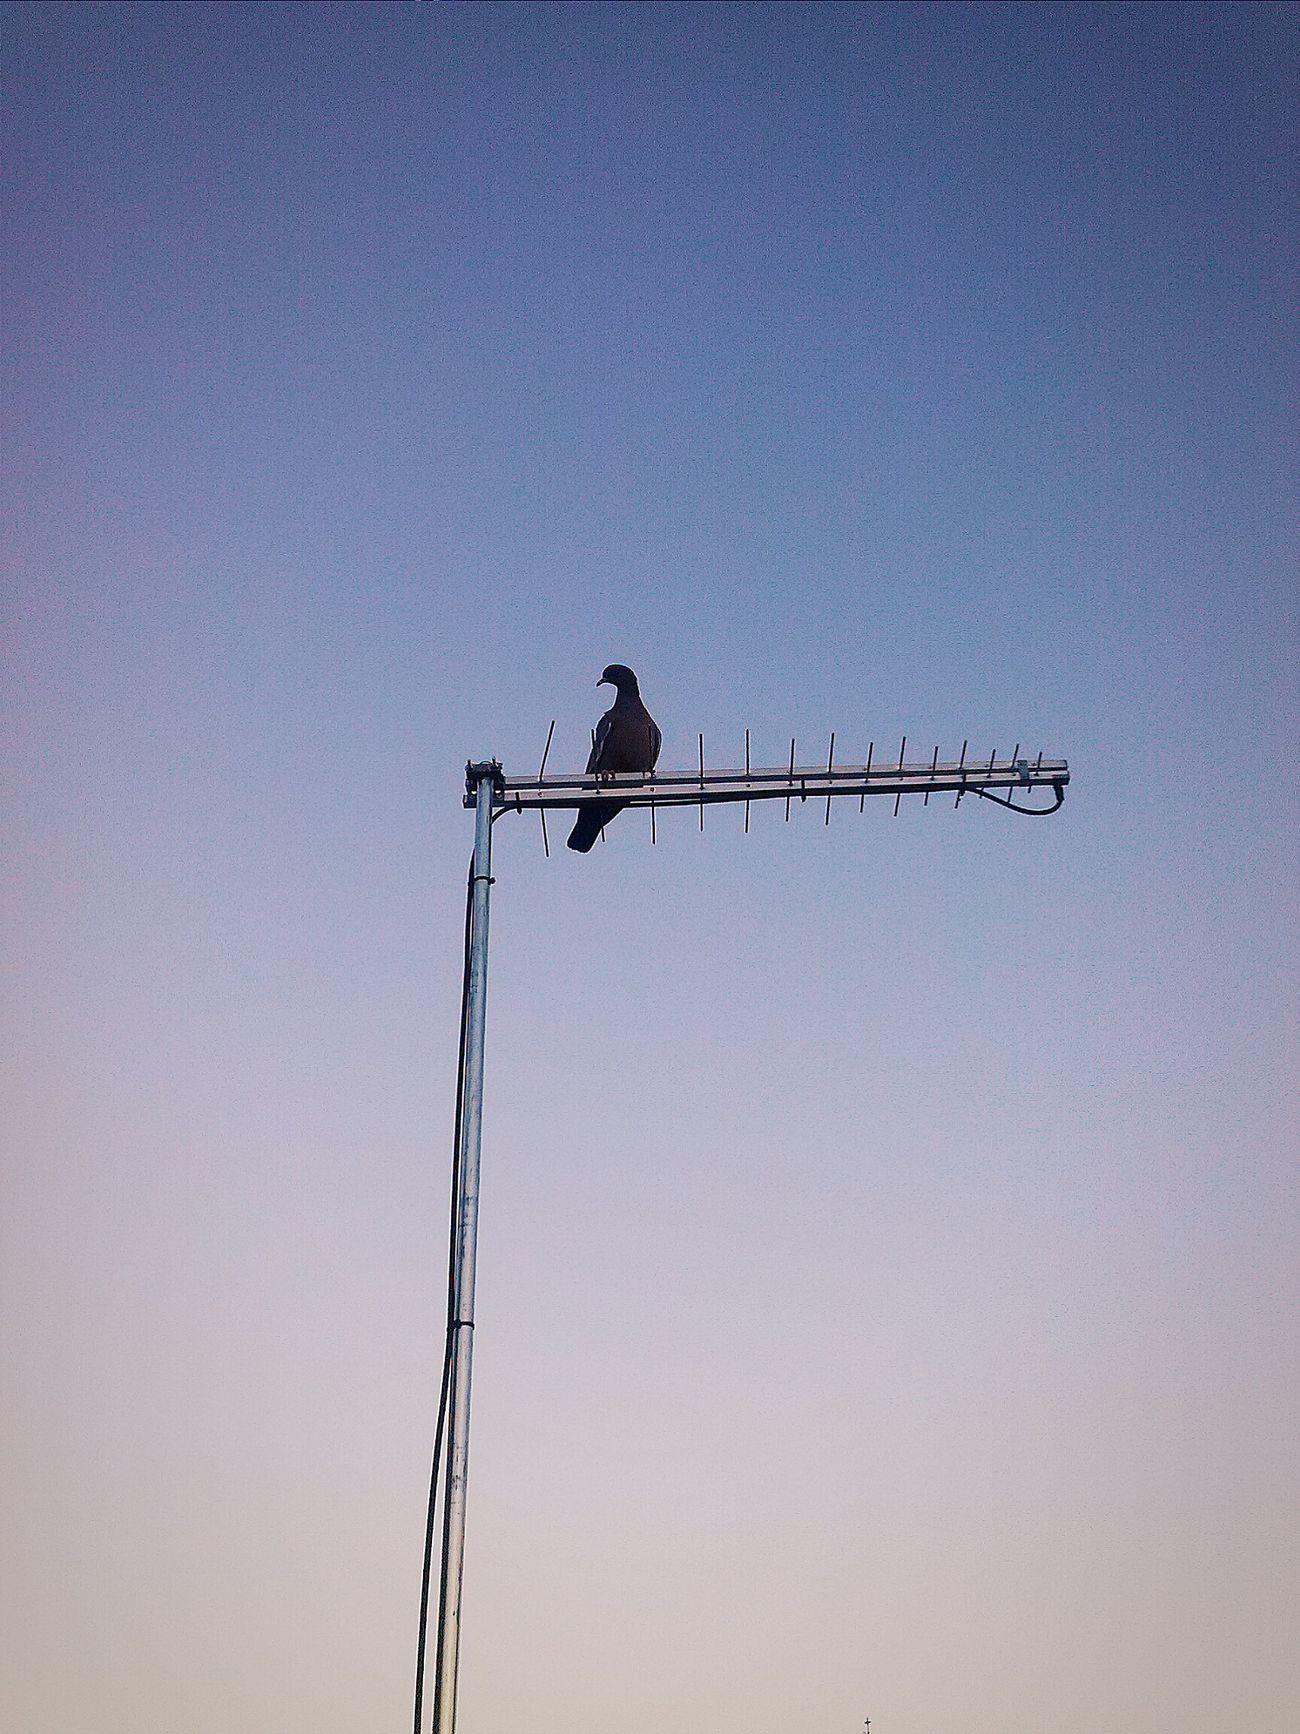 Dove. Flybea